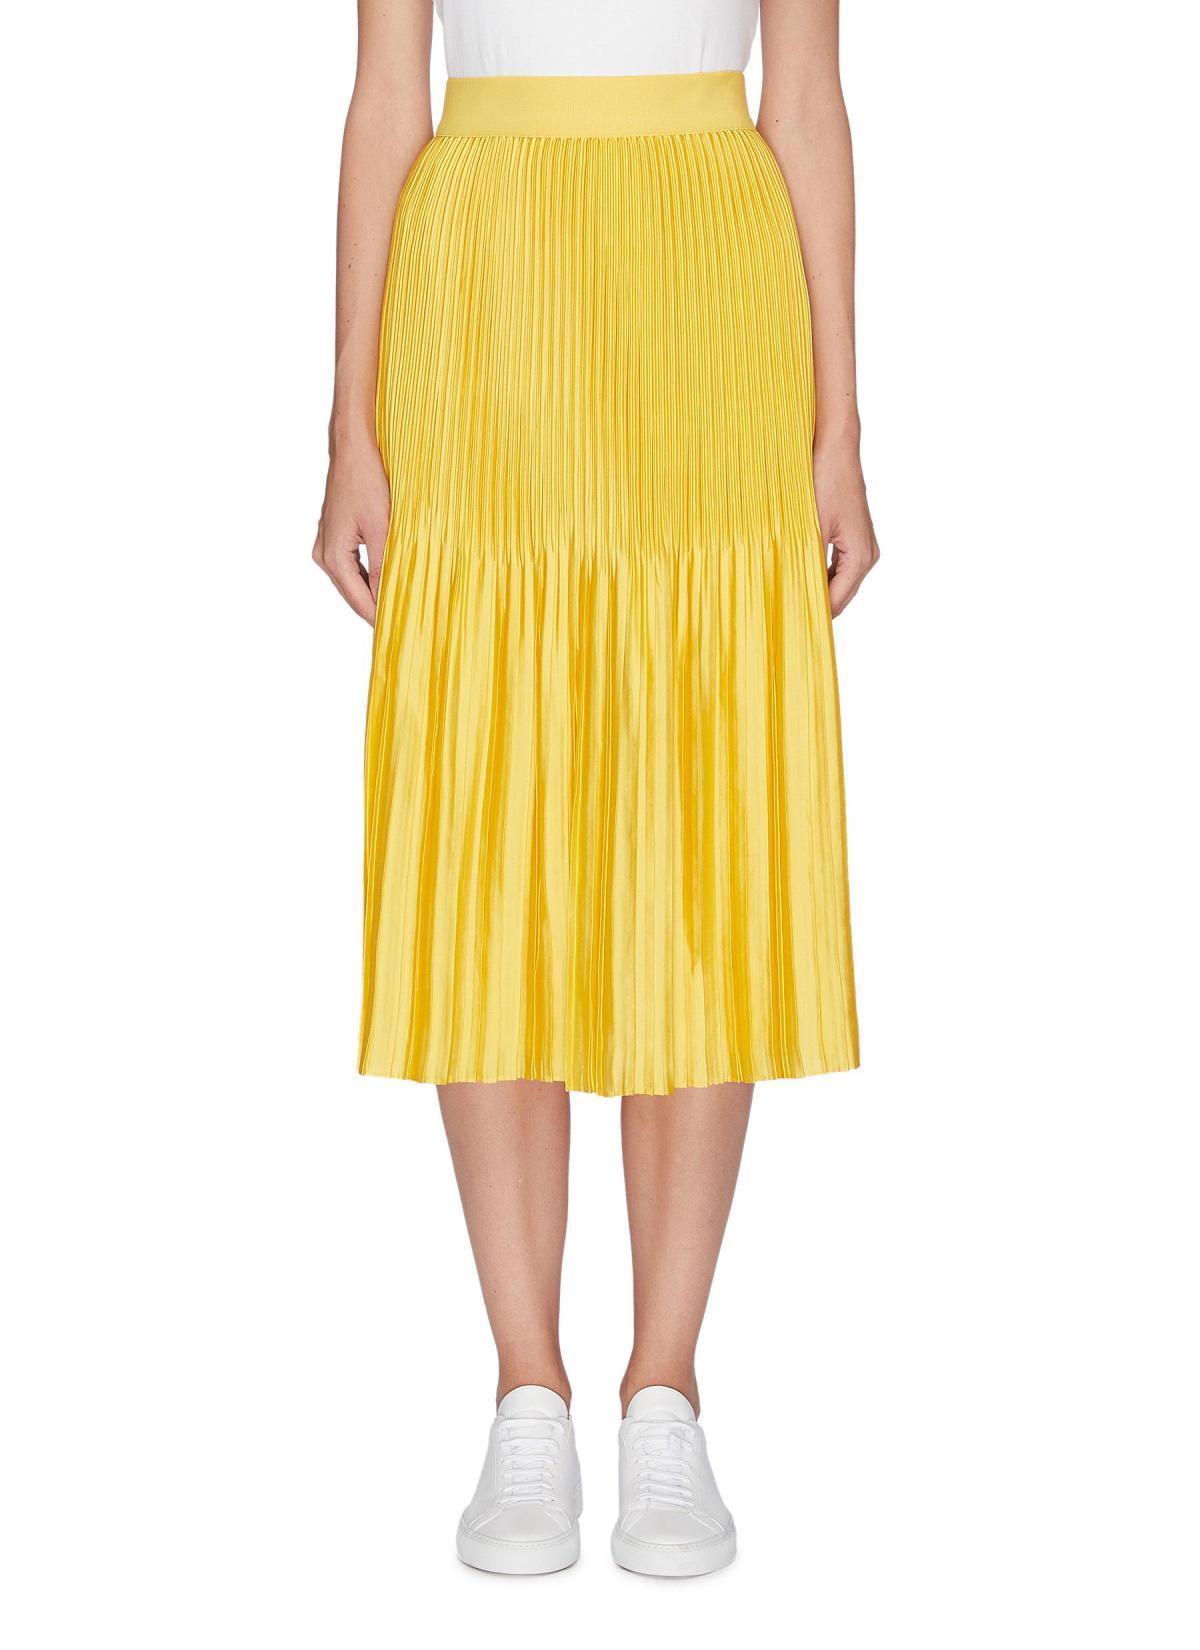 △ Alice + Olivia 'KEN' Pleated Satin Skirt US$295 (~HK$2314)